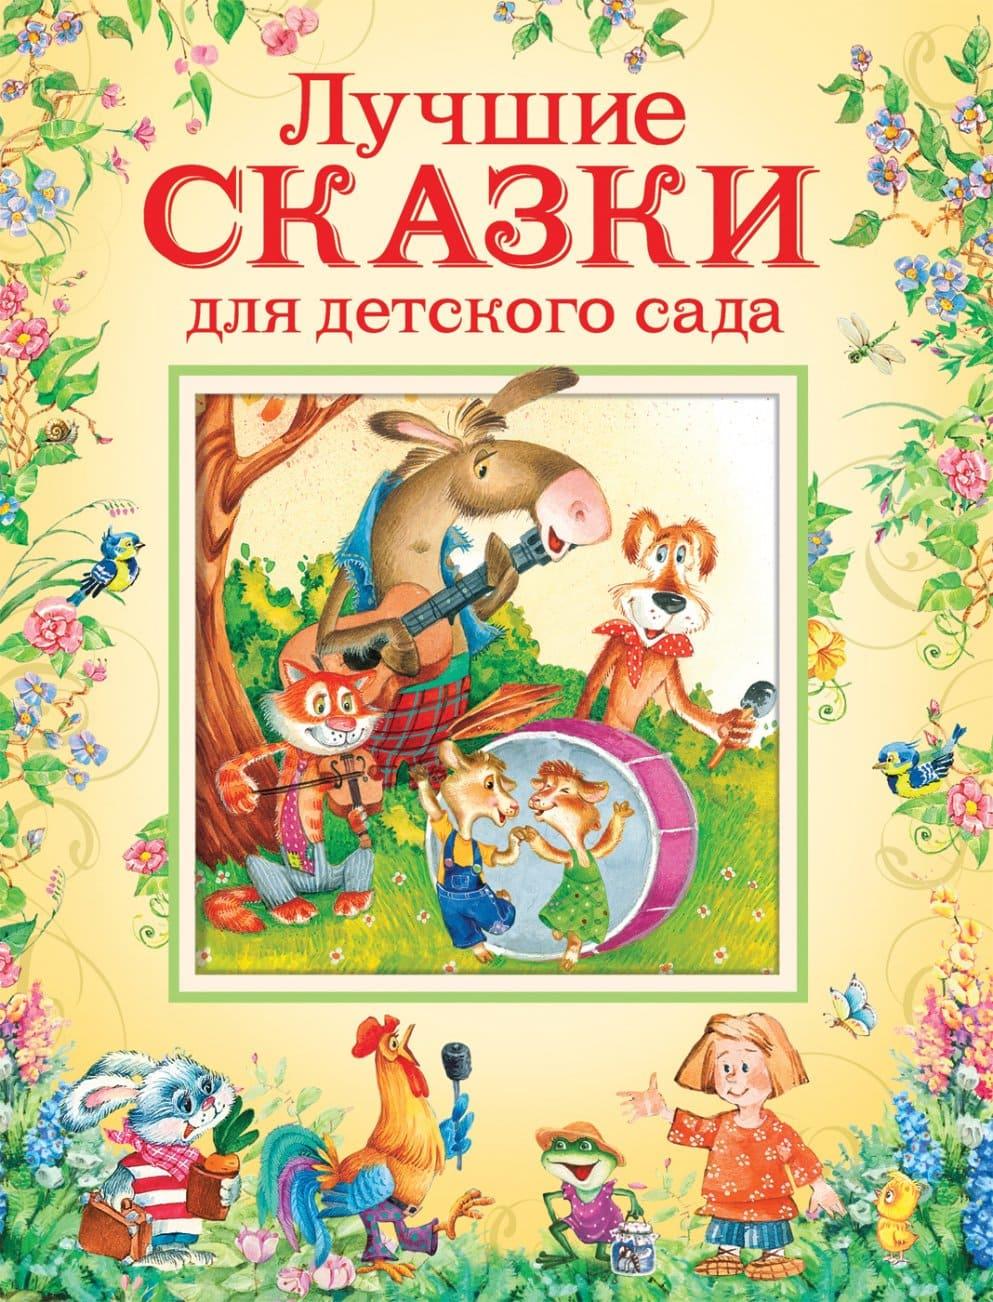 Купить Лучшие сказки для детского сада, Ирина Карнаухова, 978-5-353-08447-1